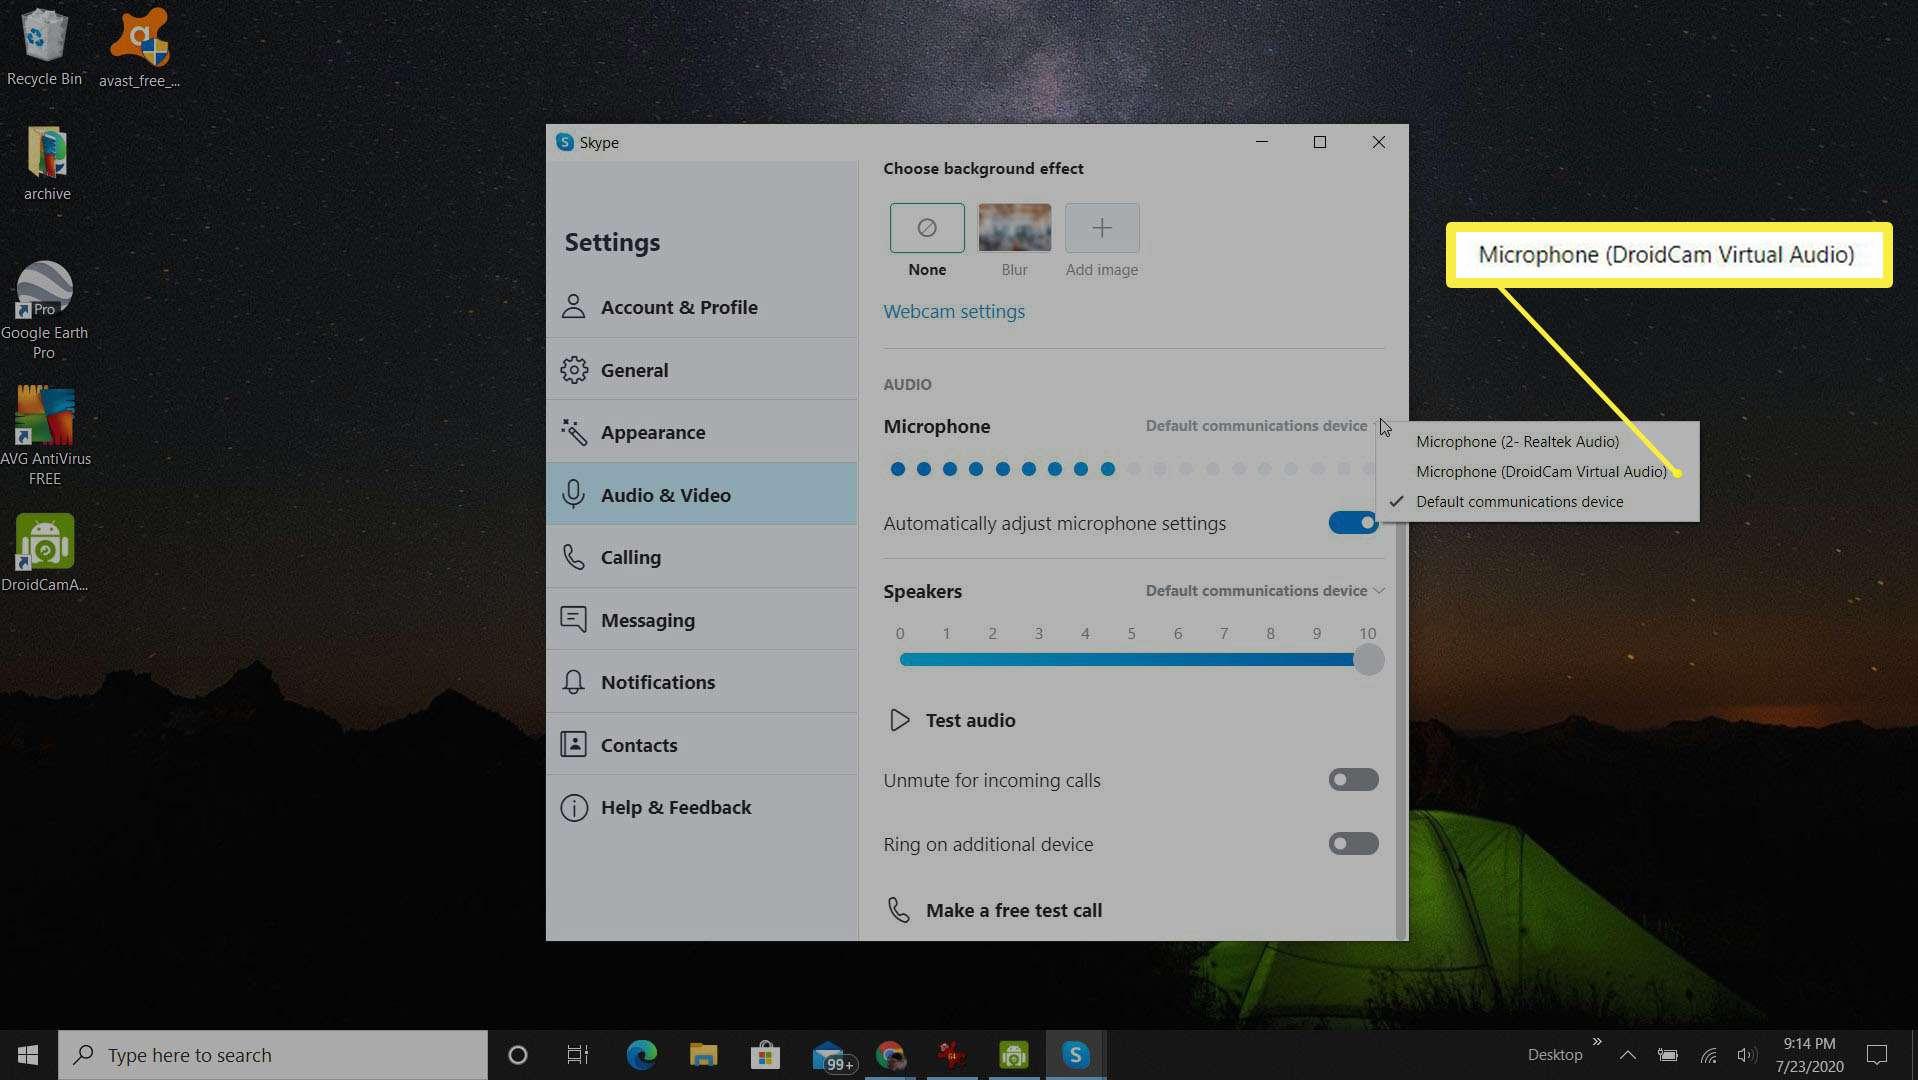 Screenshot of selecting DroidCam Virtual Audio in Skype audio settings.